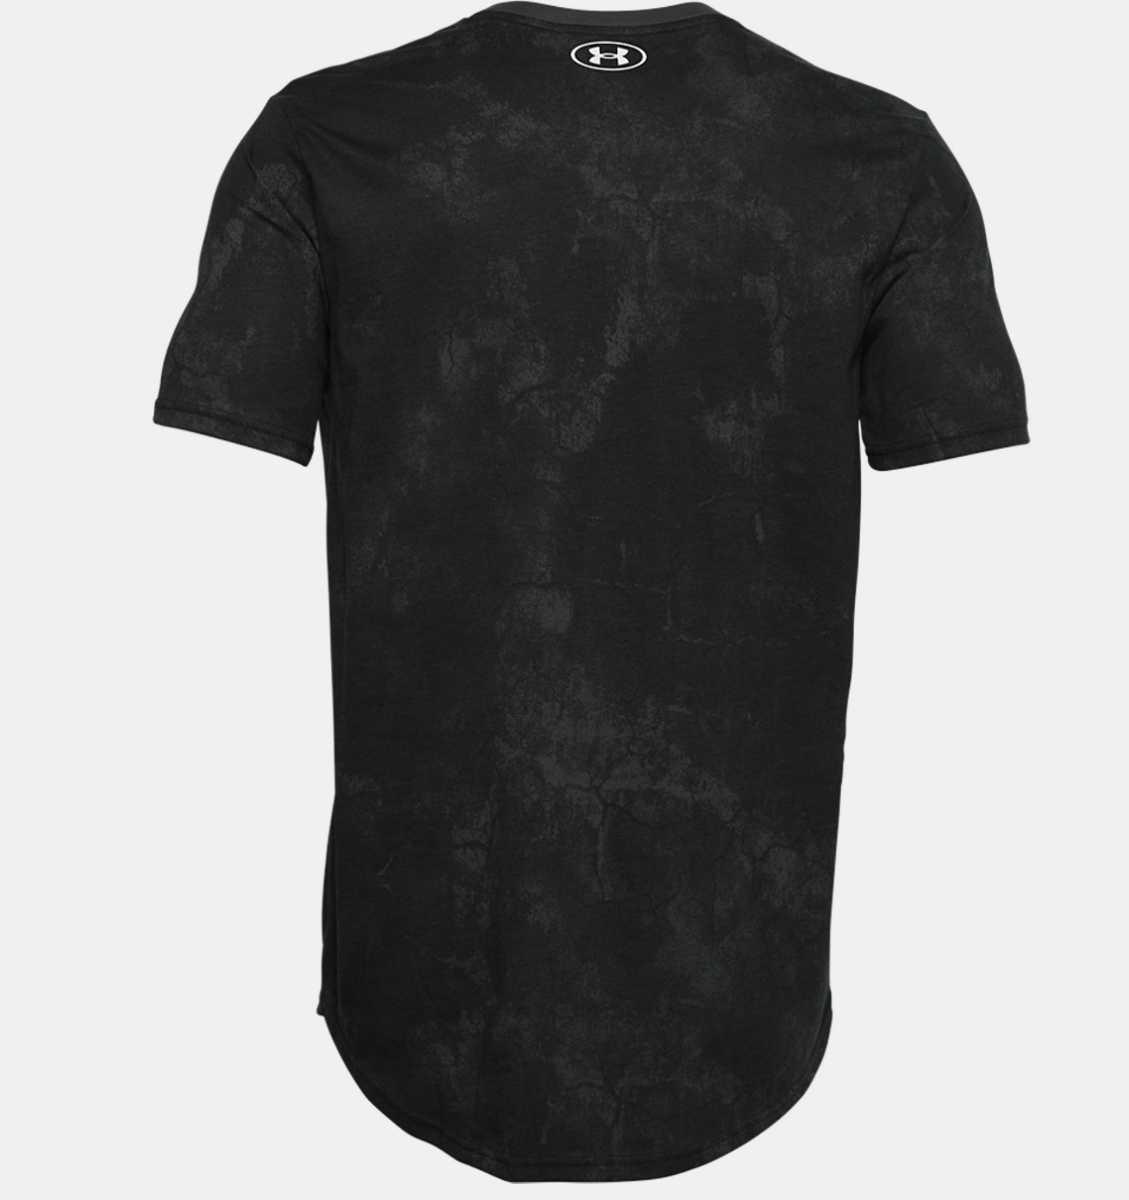 アンダーアーマー×ザ・ロック project rock UNDER ARMOUR Tシャツ NIKE ショートパンツ gymshark ジムシャーク T-SHIRT ナイキジョーダン